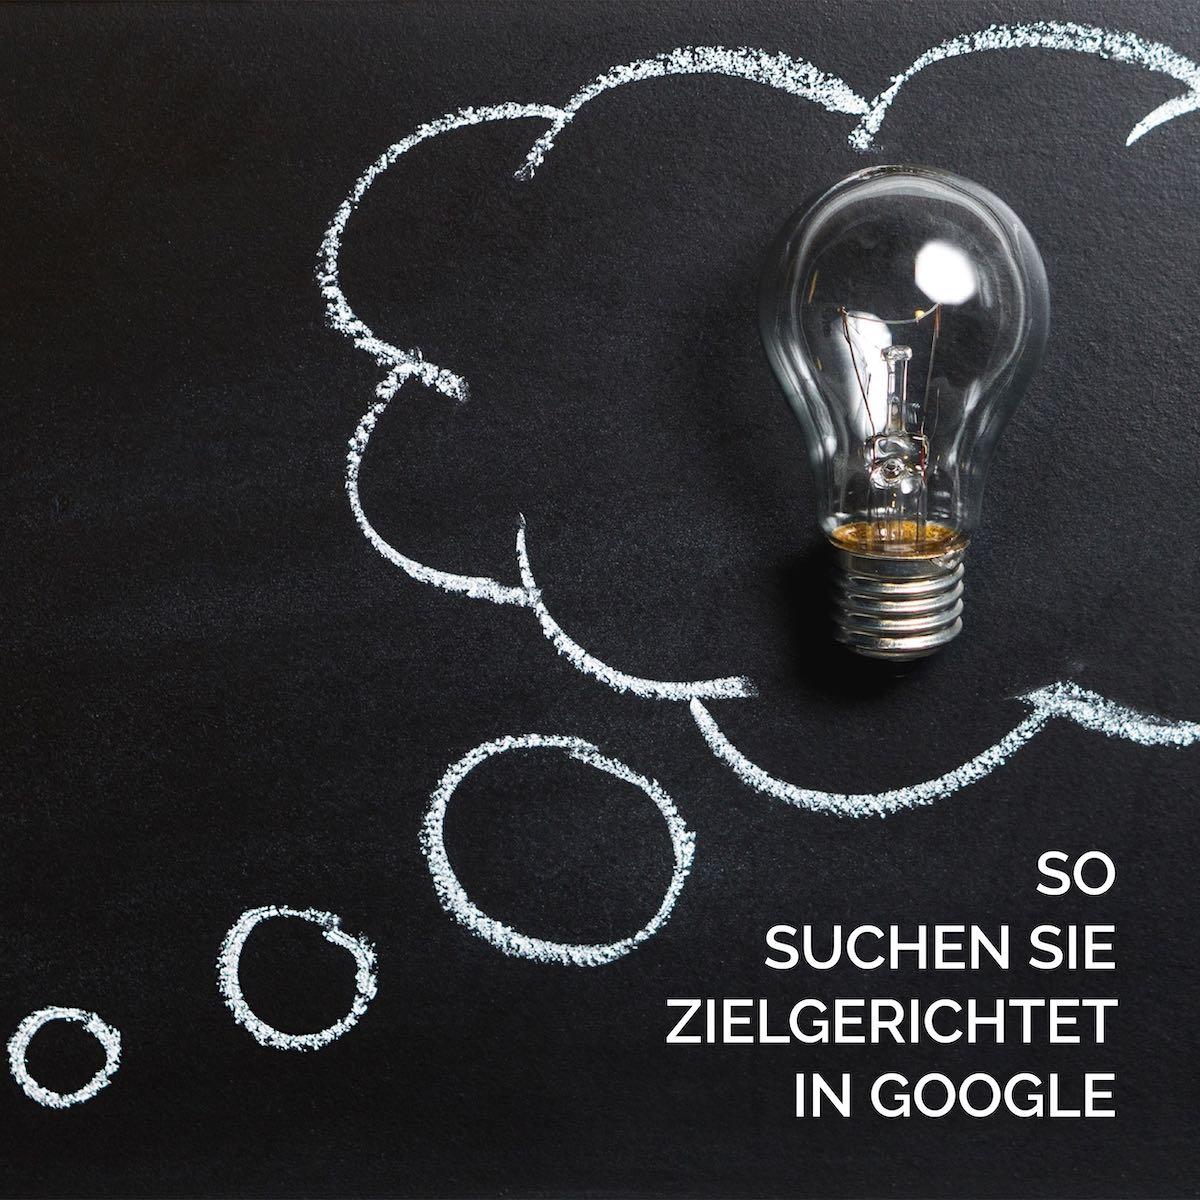 geschmacksRaum_WERBEAGENTUR_So suchen Sie zielgerichtet in Google_B-f